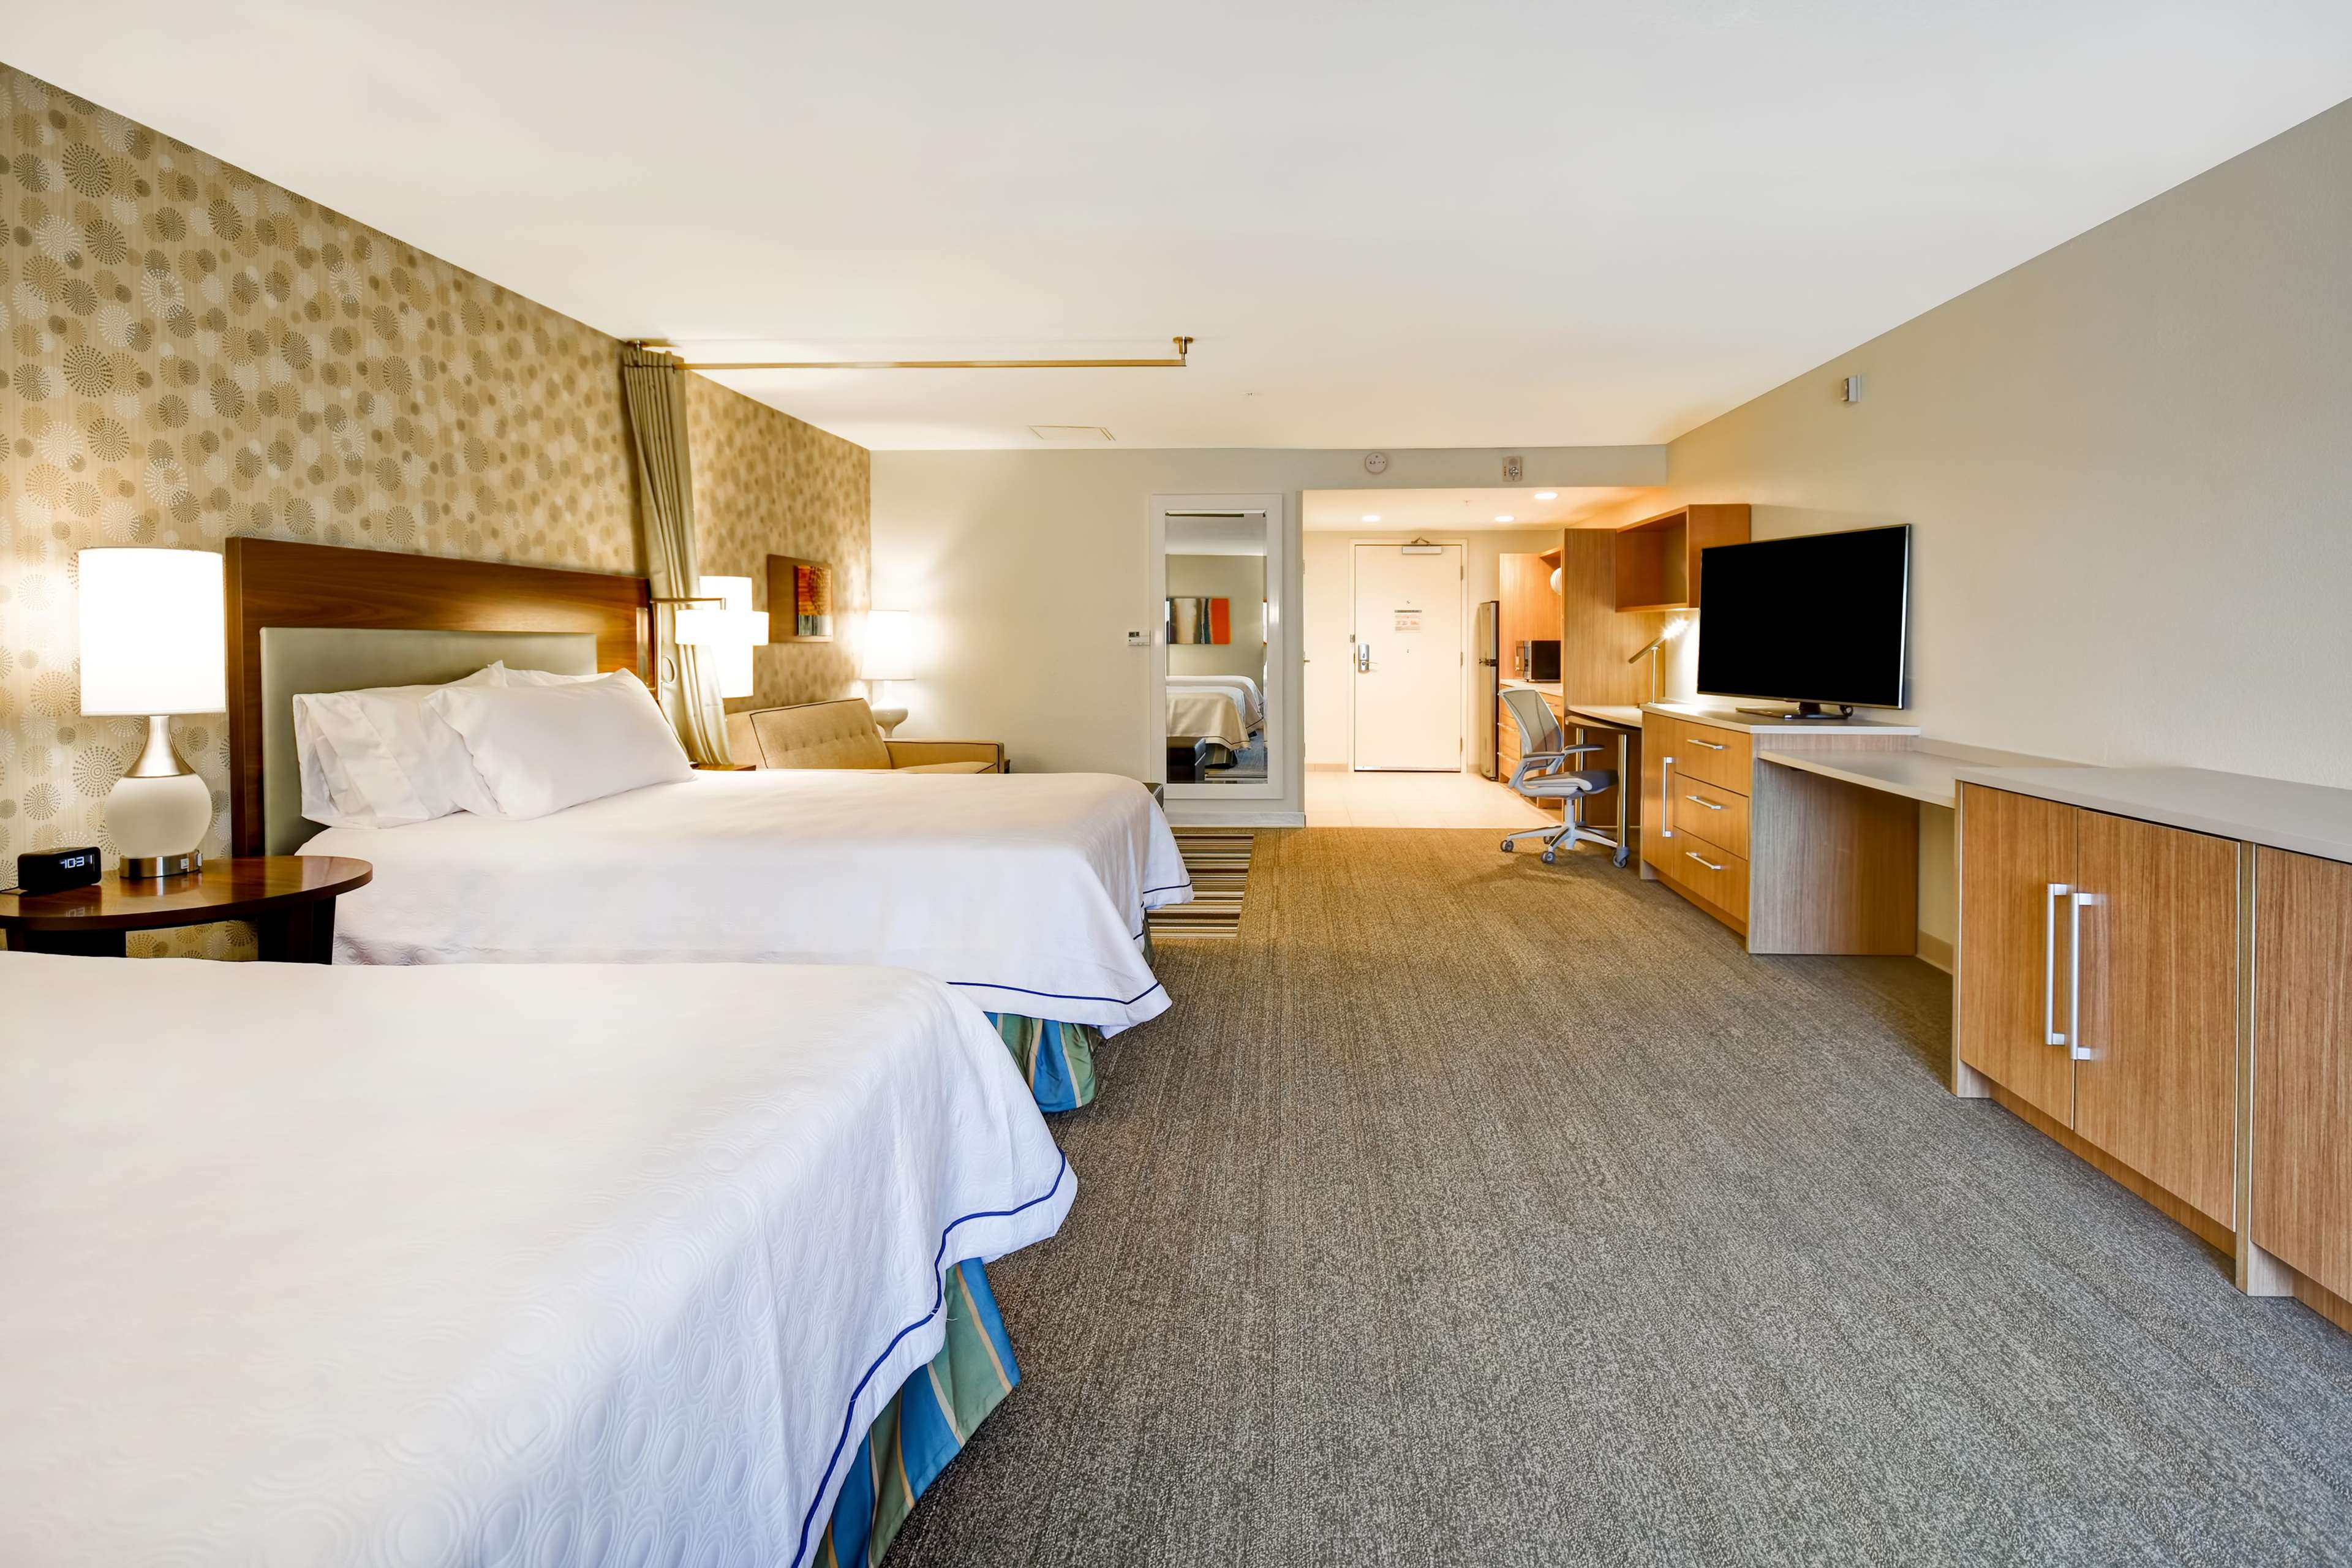 Home2 Suites by Hilton Smyrna Nashville image 37